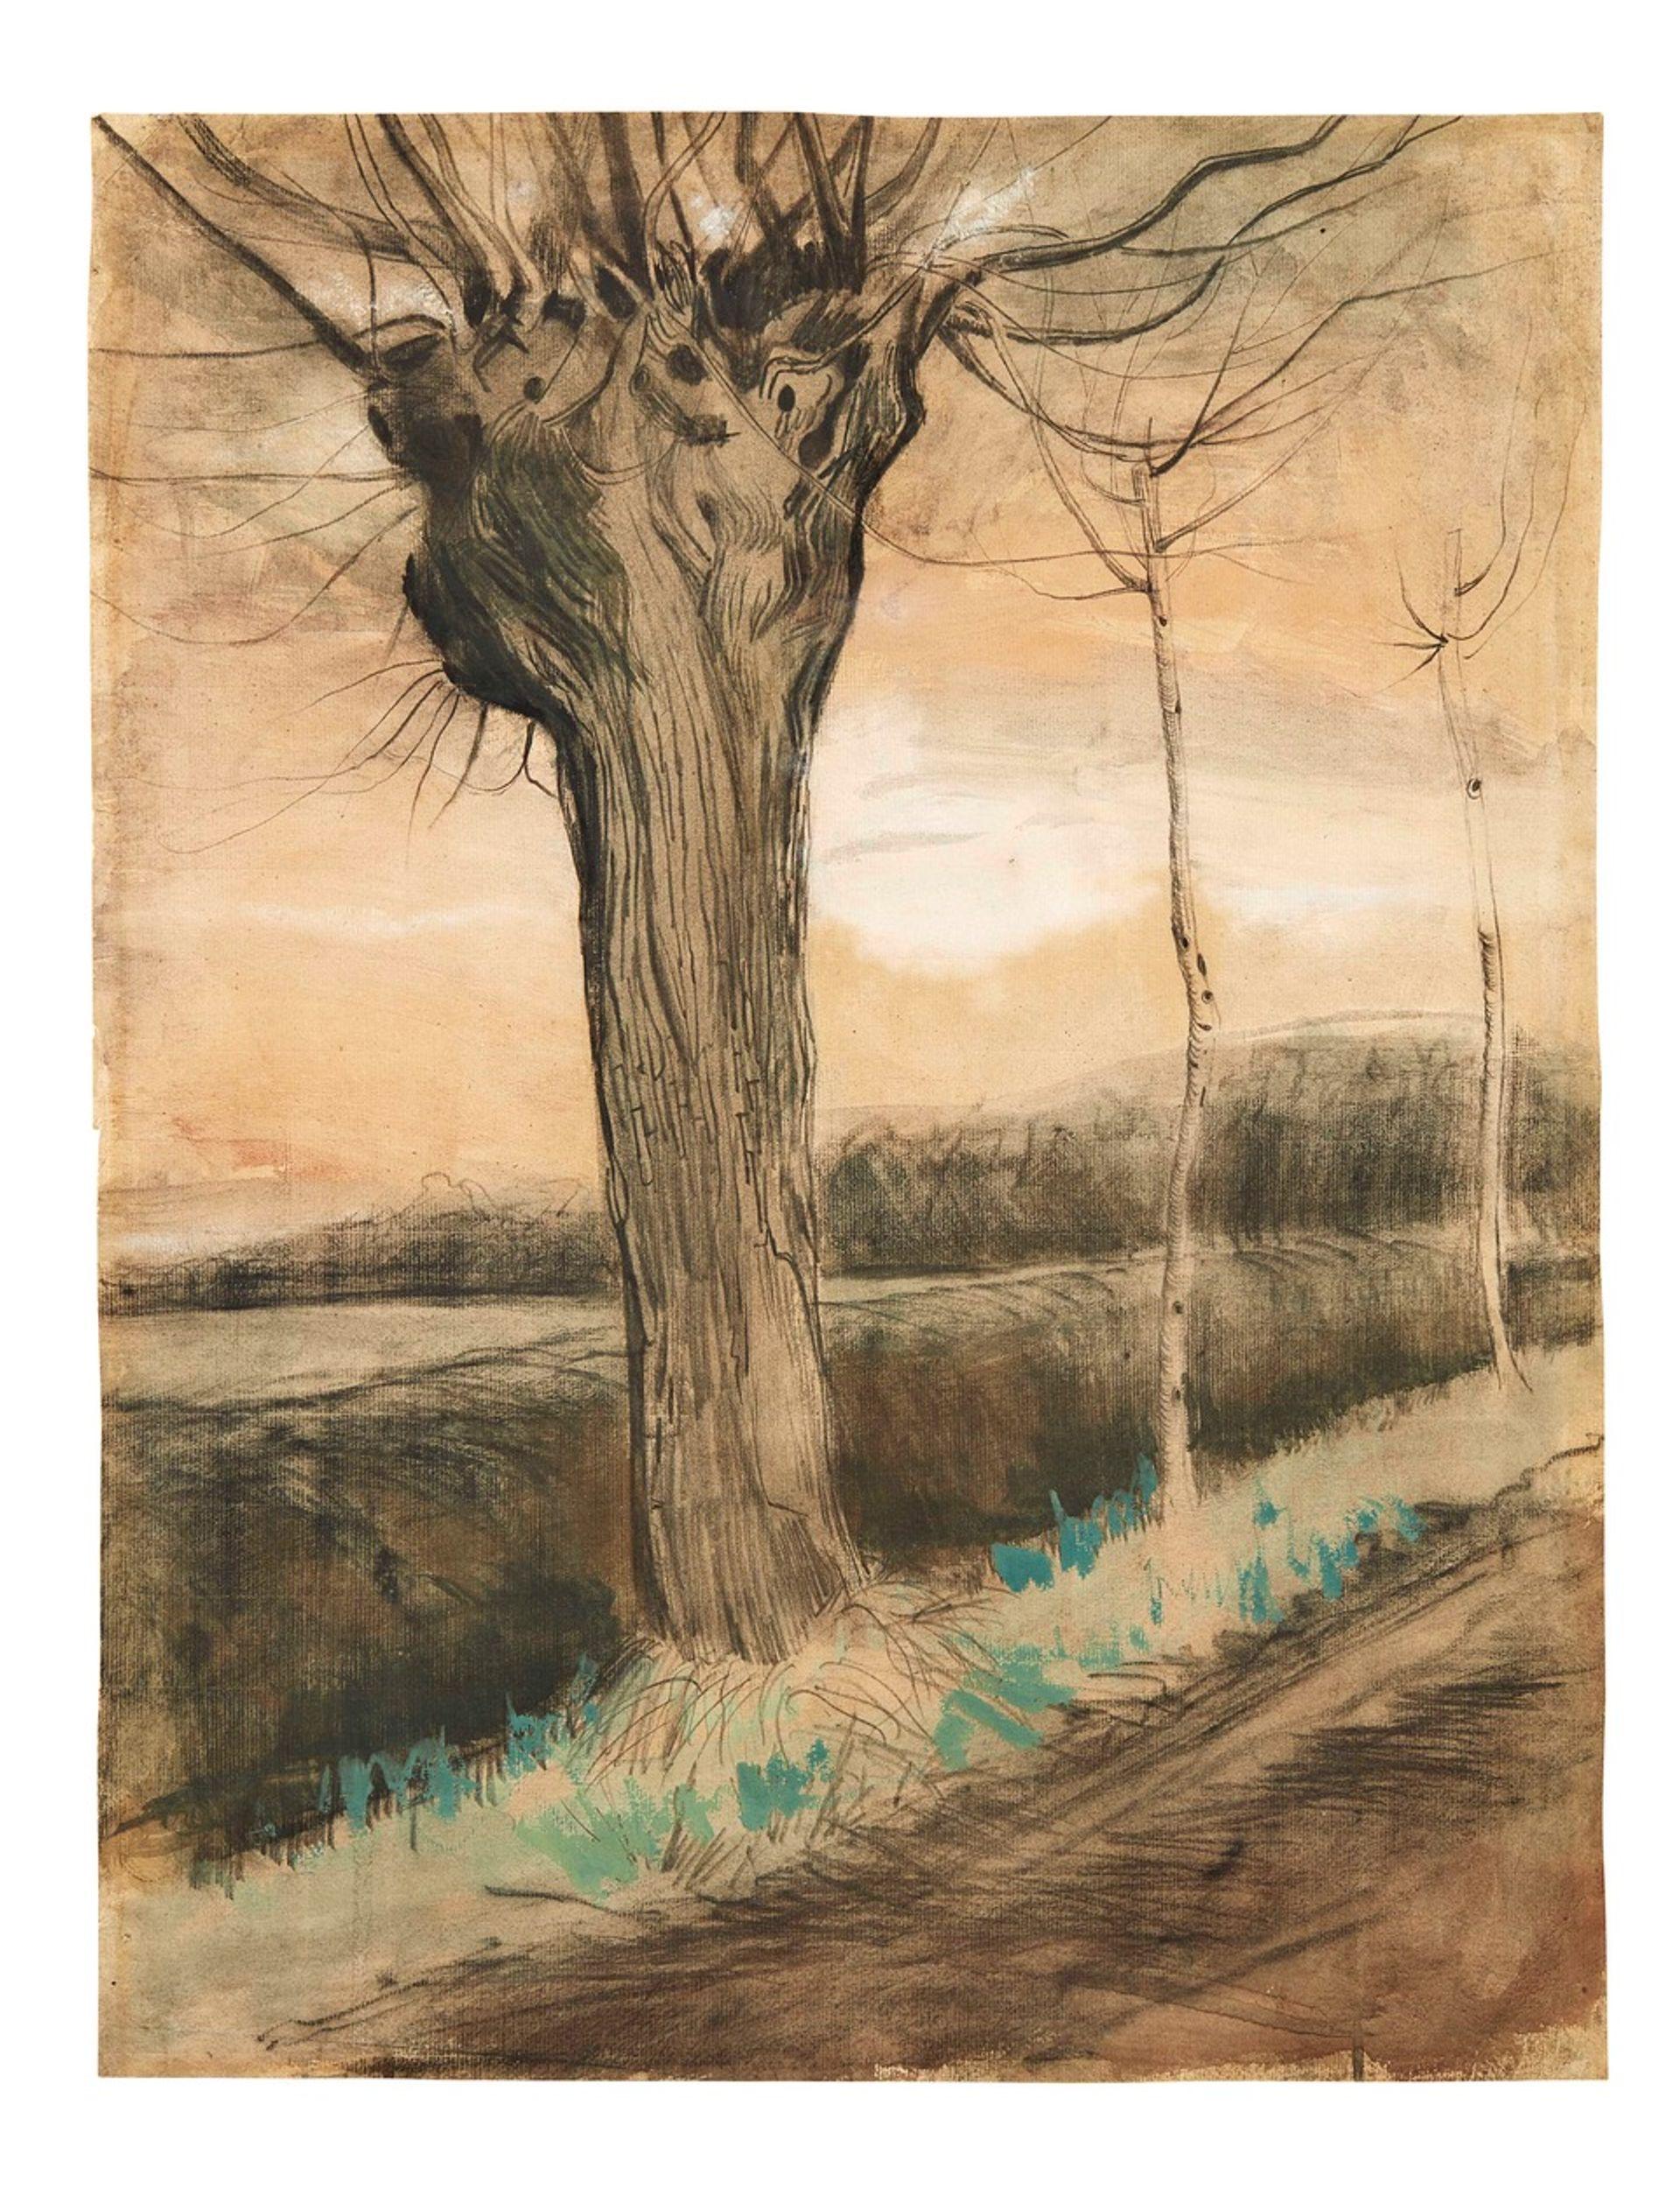 Vincent van Gogh's Pollard Willow (1881) Pandolfini Casa d'Aste, Milan